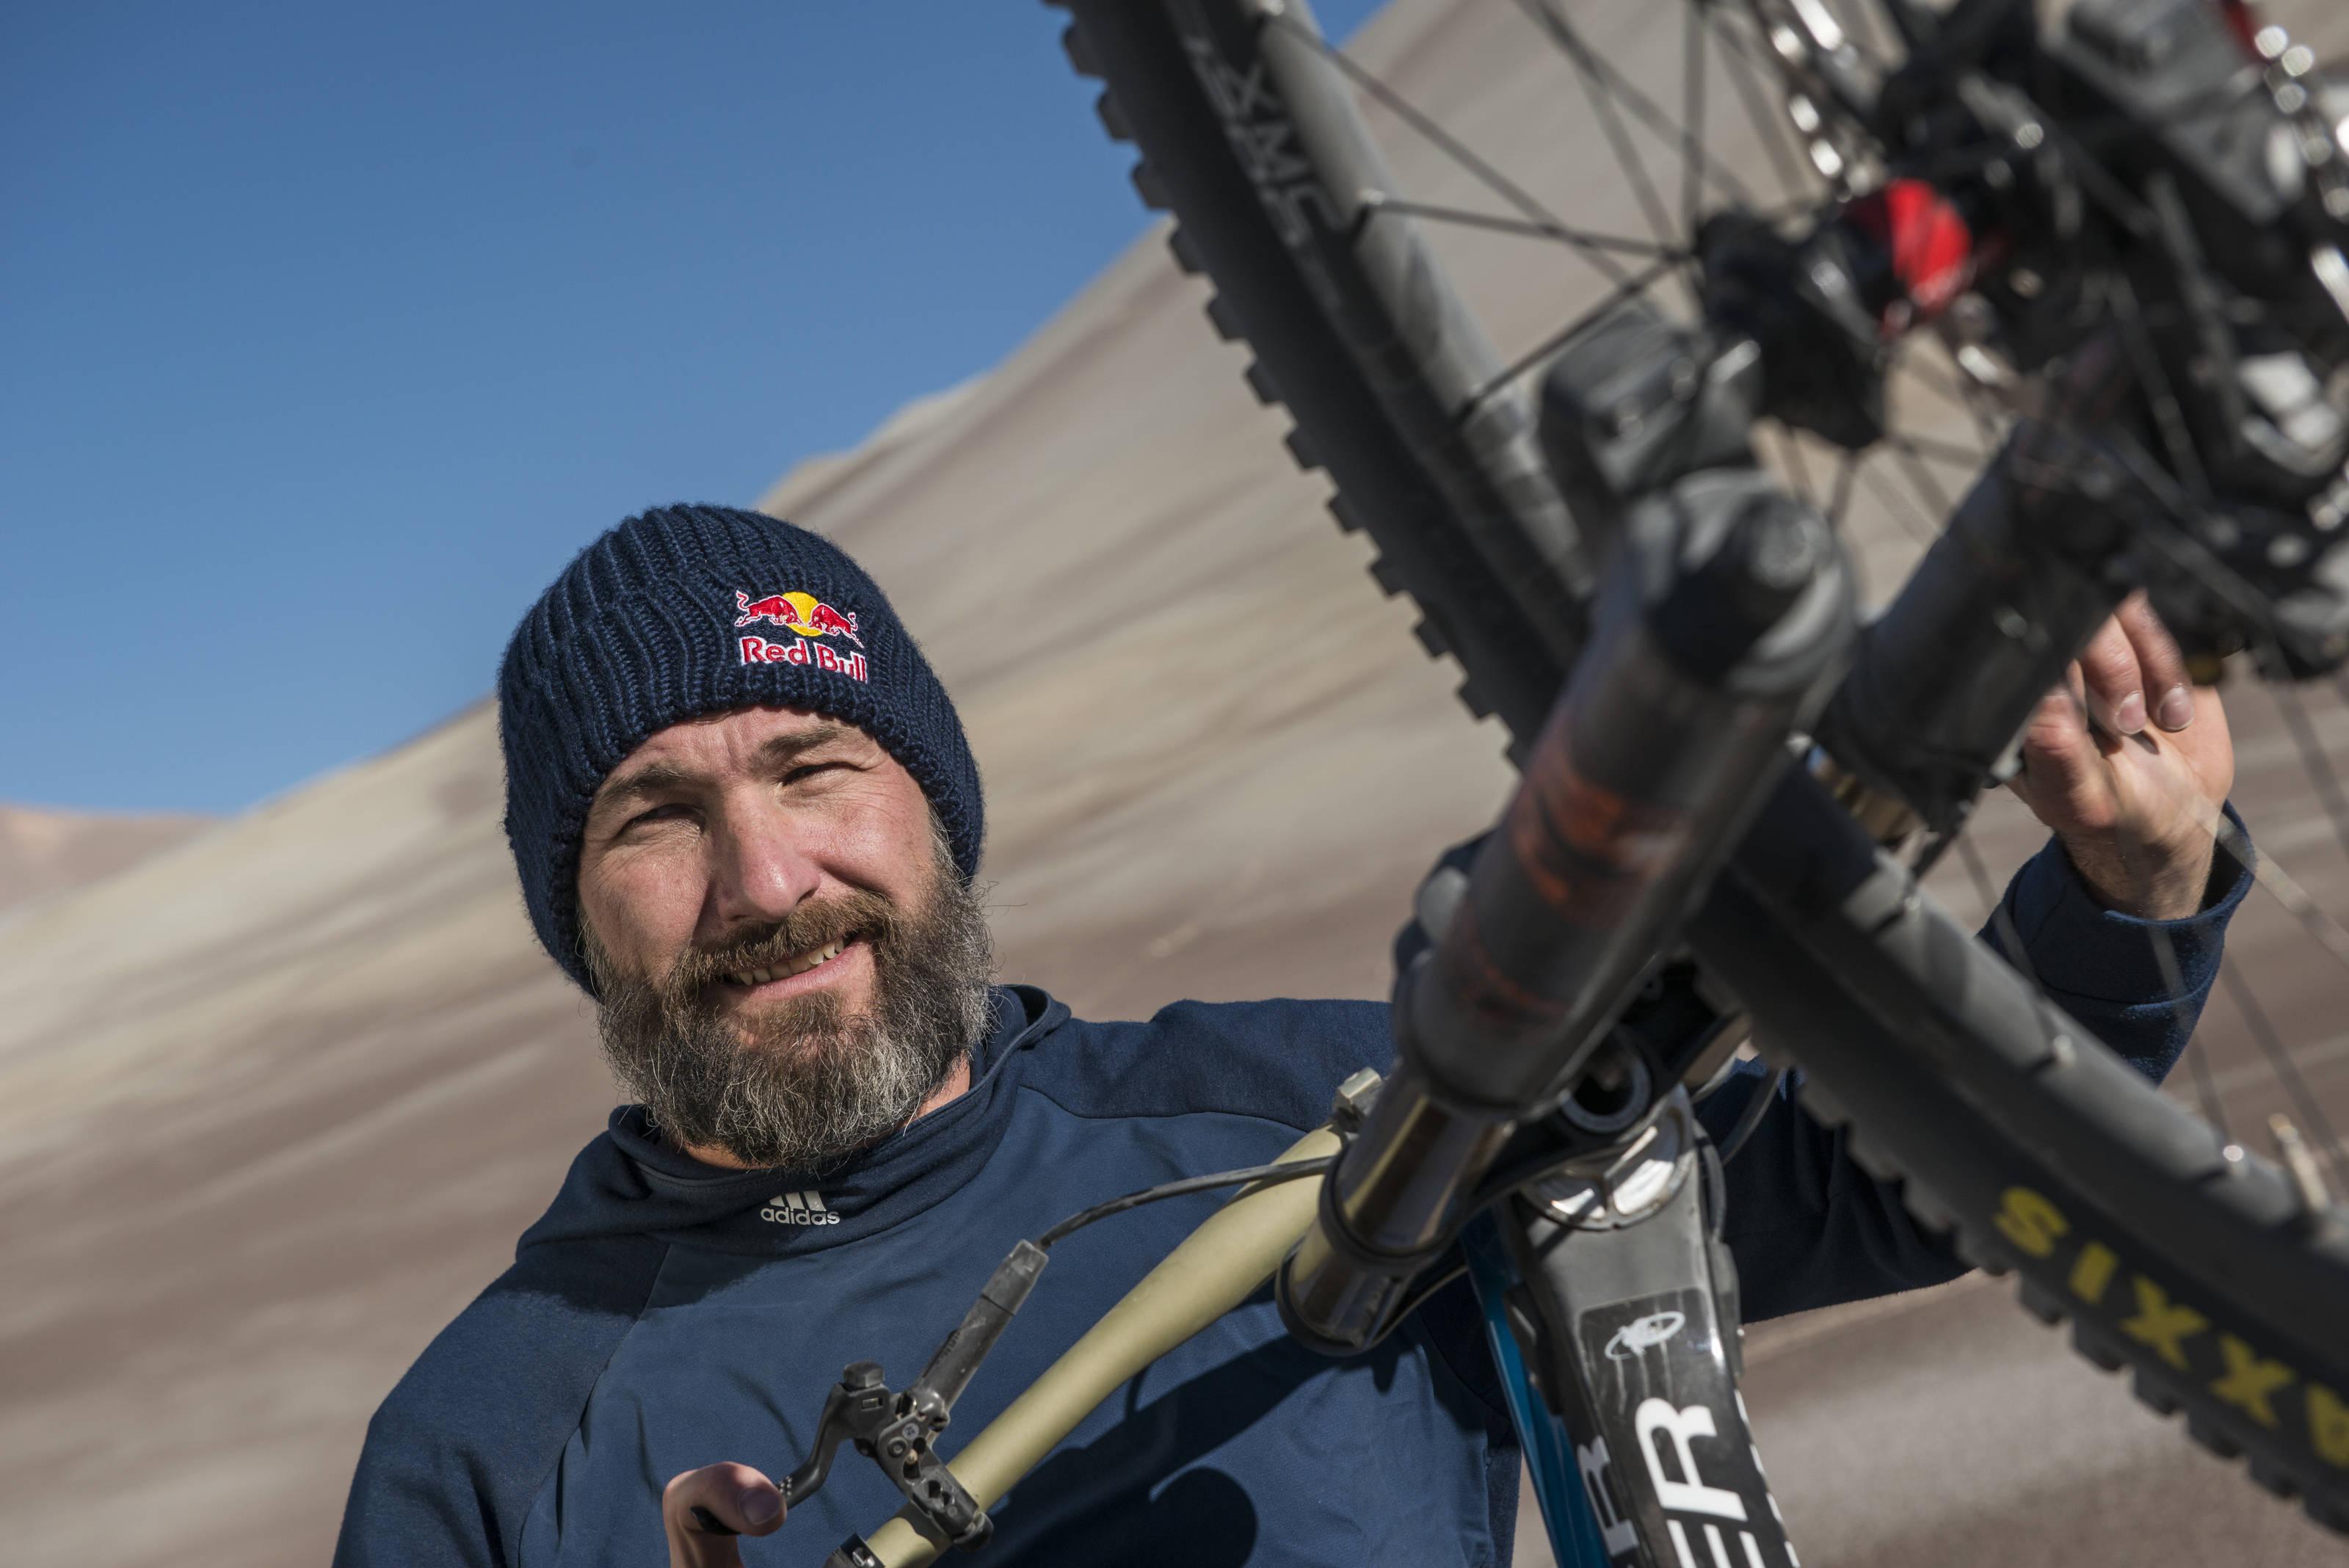 Das Projekt V-Max hat den Weltrekordler Markus Stöckl ein jahr auf seinem beschwerlichen Weg Richtung Geschwindigkeits-Rekord begleitet.